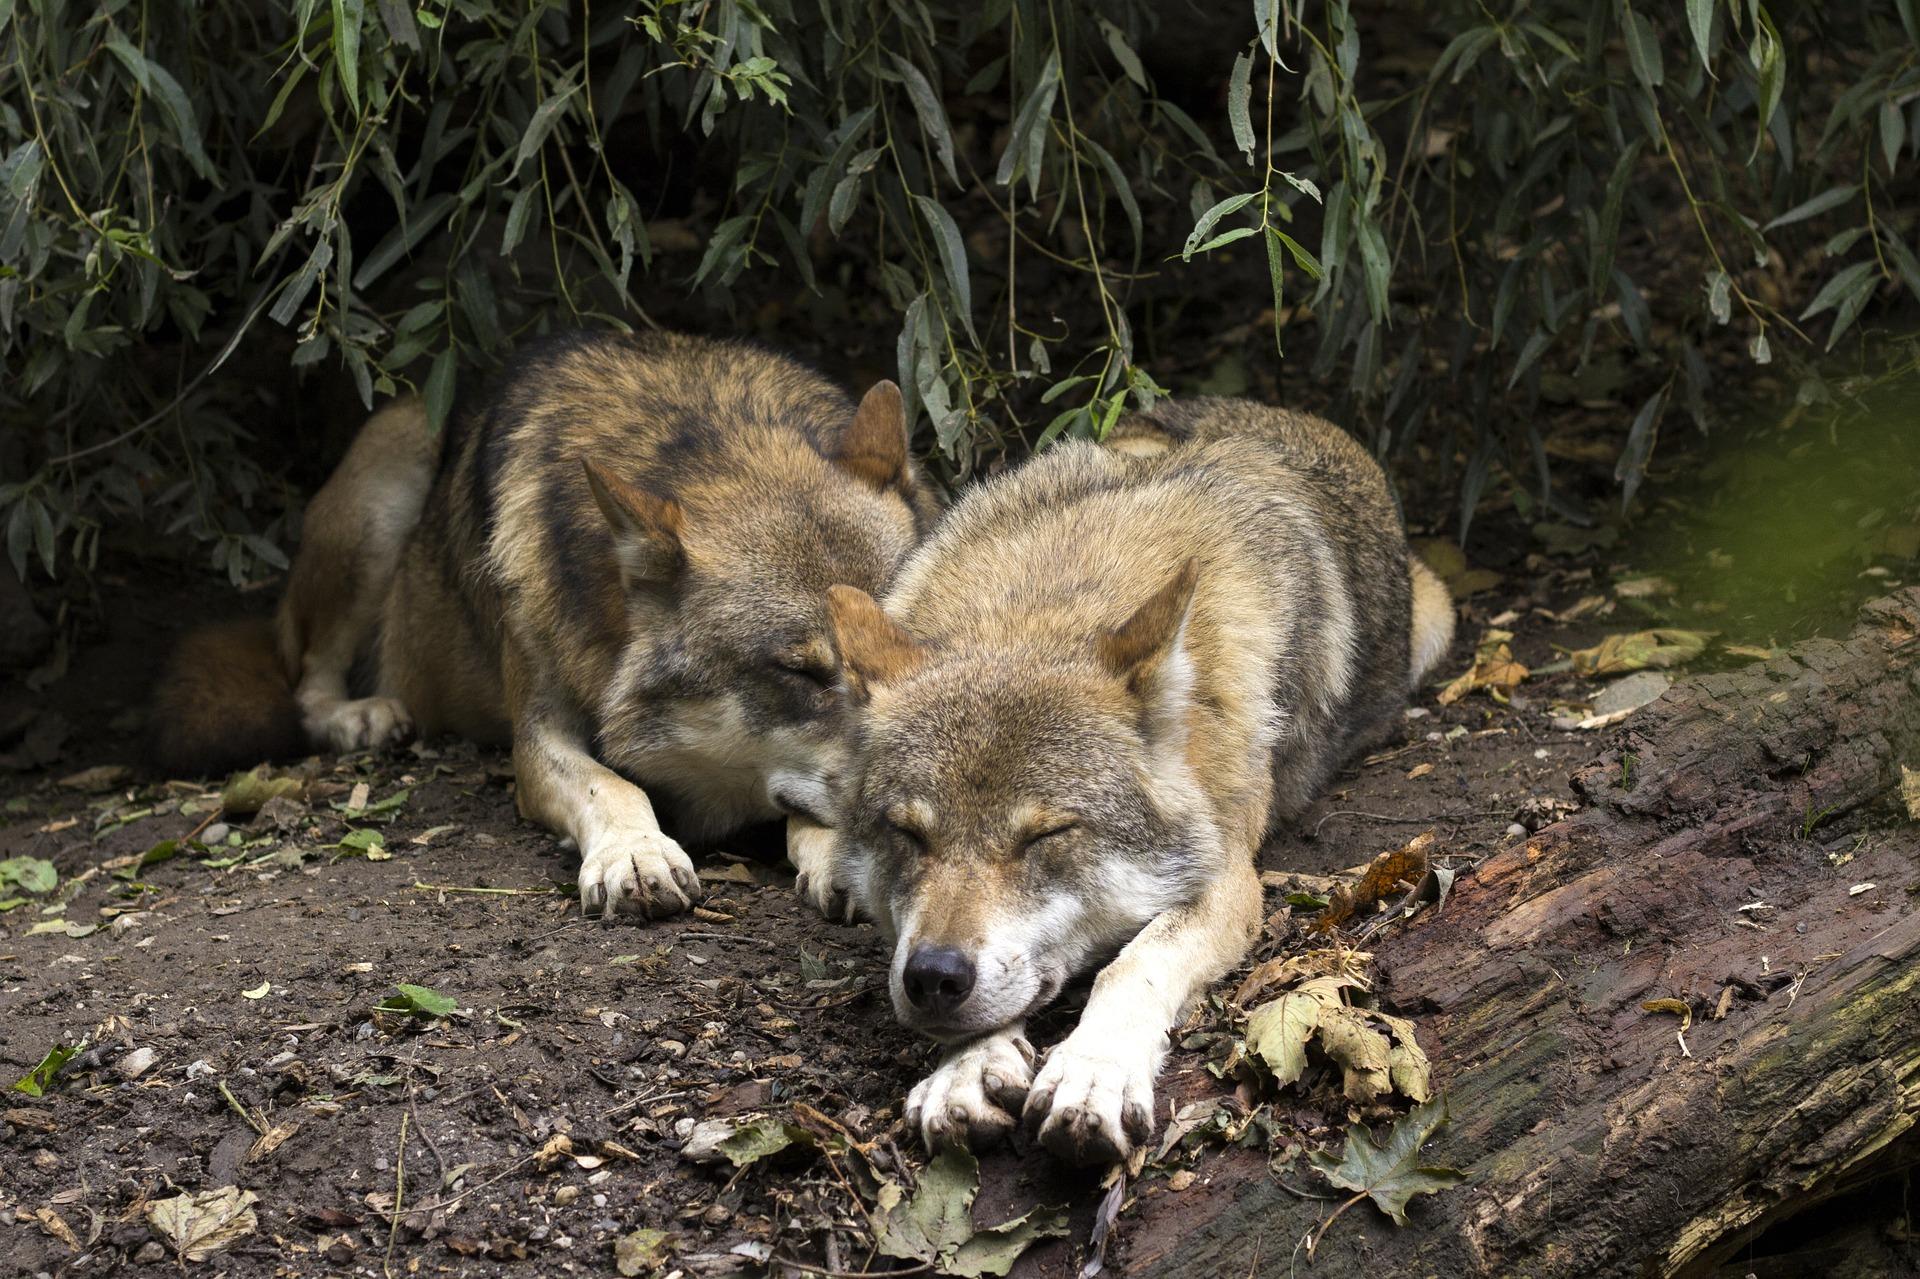 Stowarzyszenie Otwarte Ramiona pisze do Ministra Klimatu i Środowiska w sprawie odstrzału wilków - Zdjęcie główne